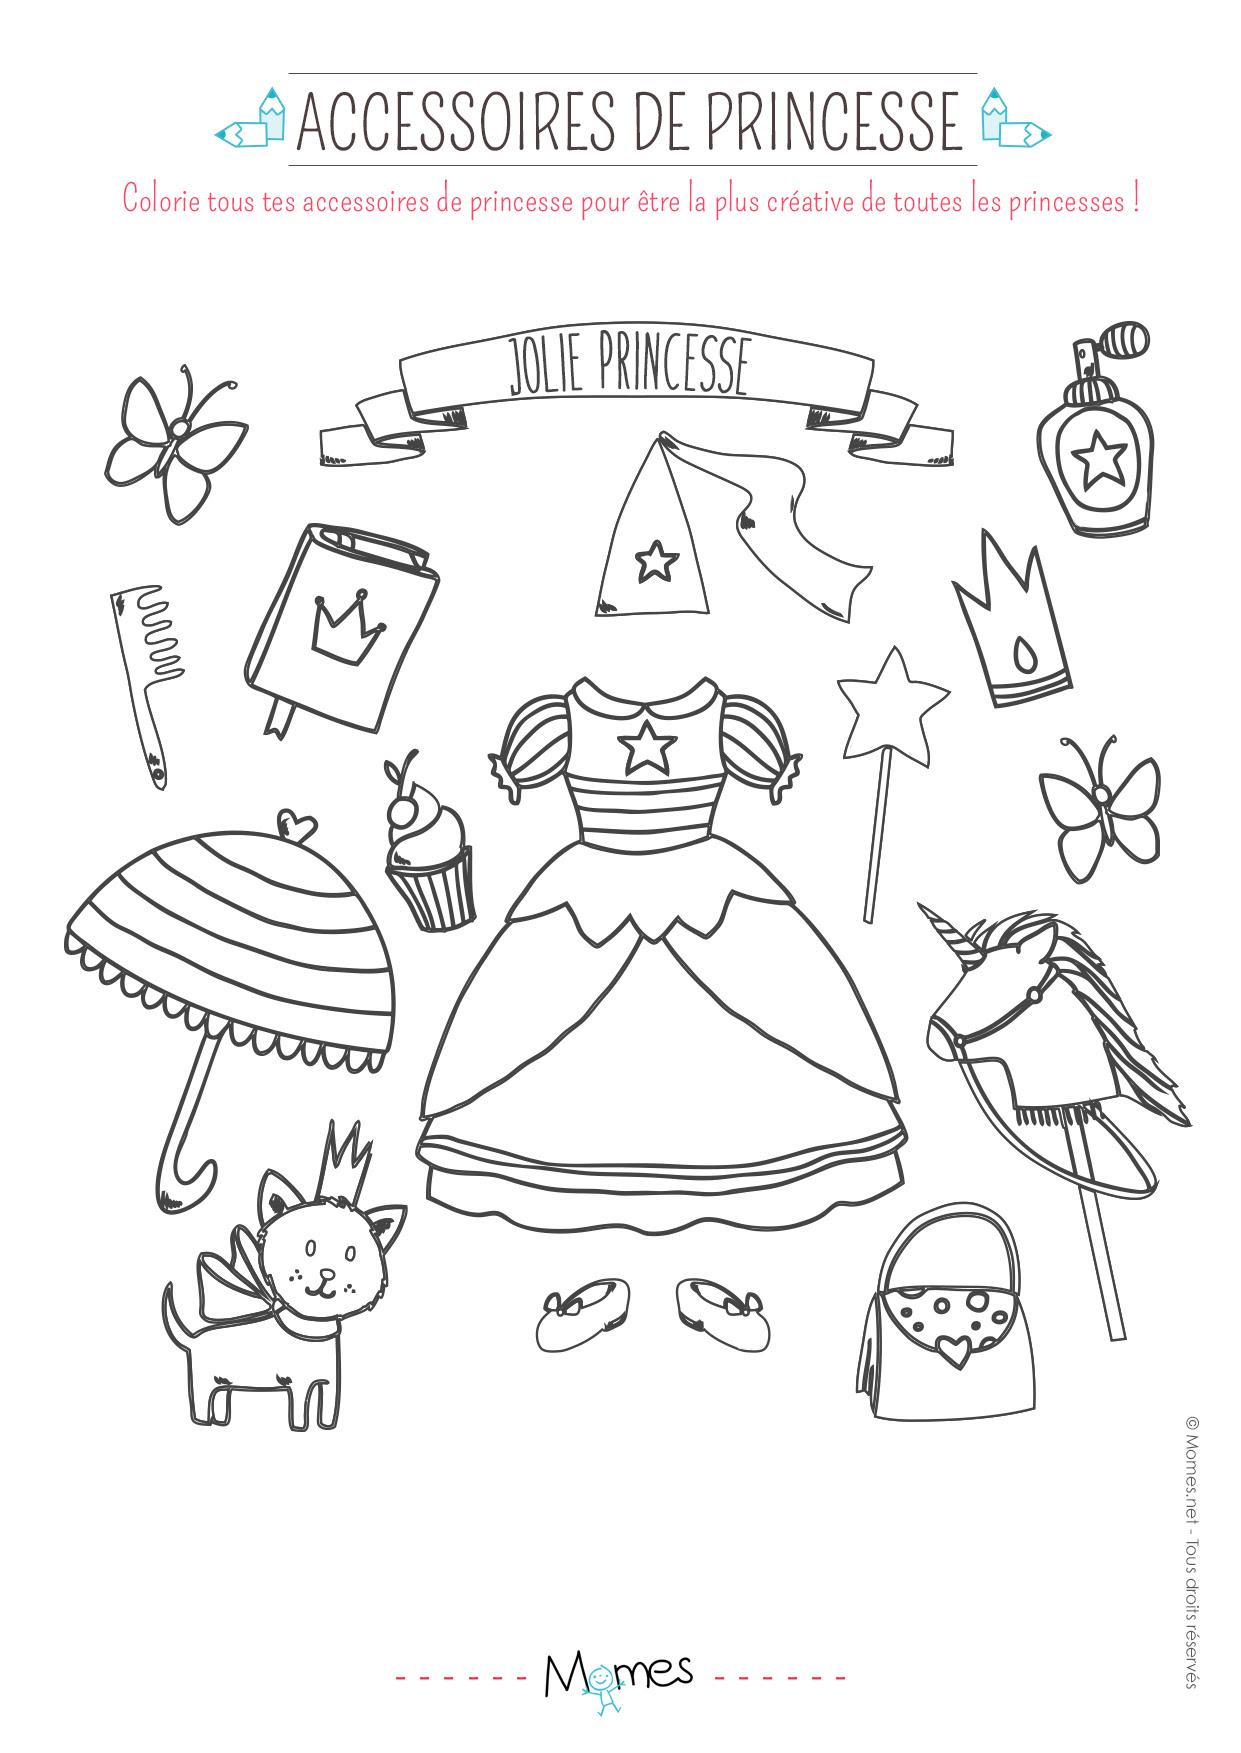 【Dernier】 Coloriage Toutes Les Princesses